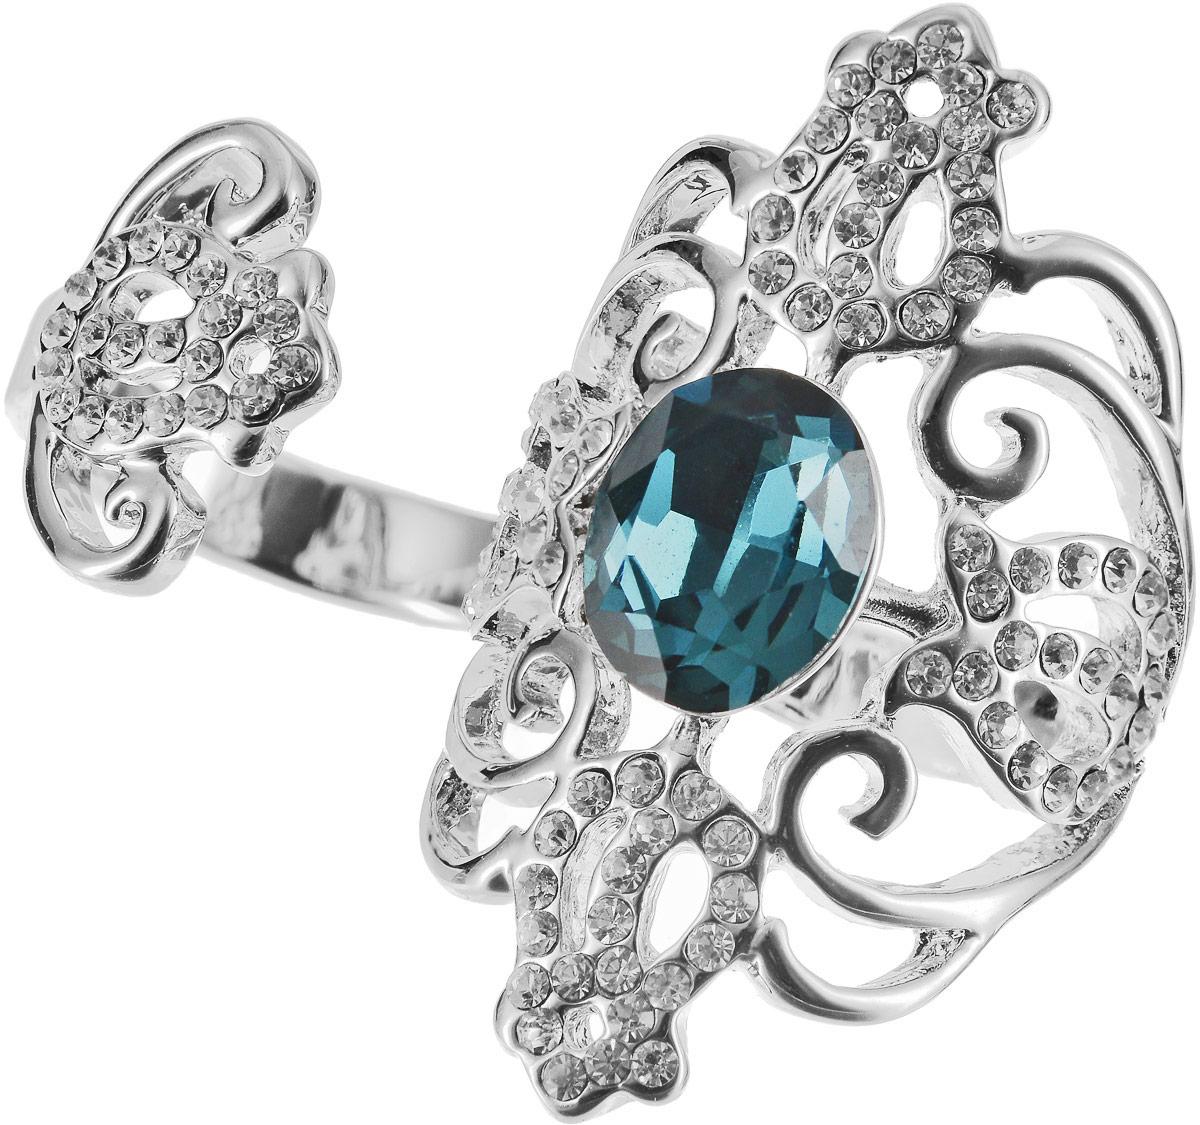 Кольцо Art-Silver, цвет: серебряный, бирюзовый. 06816-1319. Размер 1806816-1319Оригинальное кольцо Art-Silver выполнено из бижутерного сплава с гальваническим покрытием. Кольцо на два пальца украшено декоративными вставками. Элегантное кольцо Art-Silver превосходно дополнит ваш образ и подчеркнет отменное чувство стиля своей обладательницы.